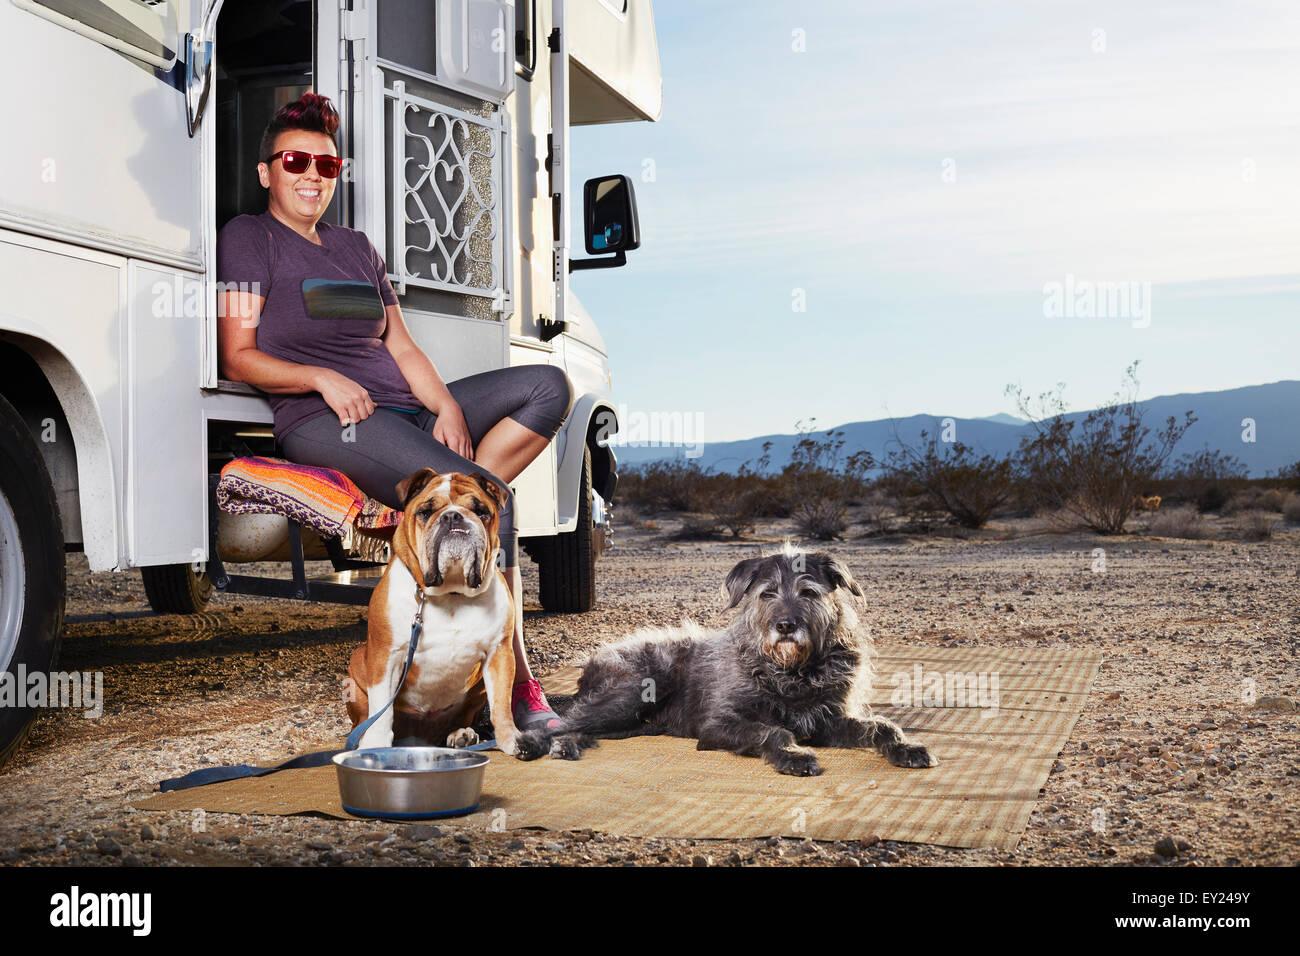 Retrato de mujer adulta media y dos perros sentados en autocaravana paso, Borrego Springs, California, EE.UU. Imagen De Stock